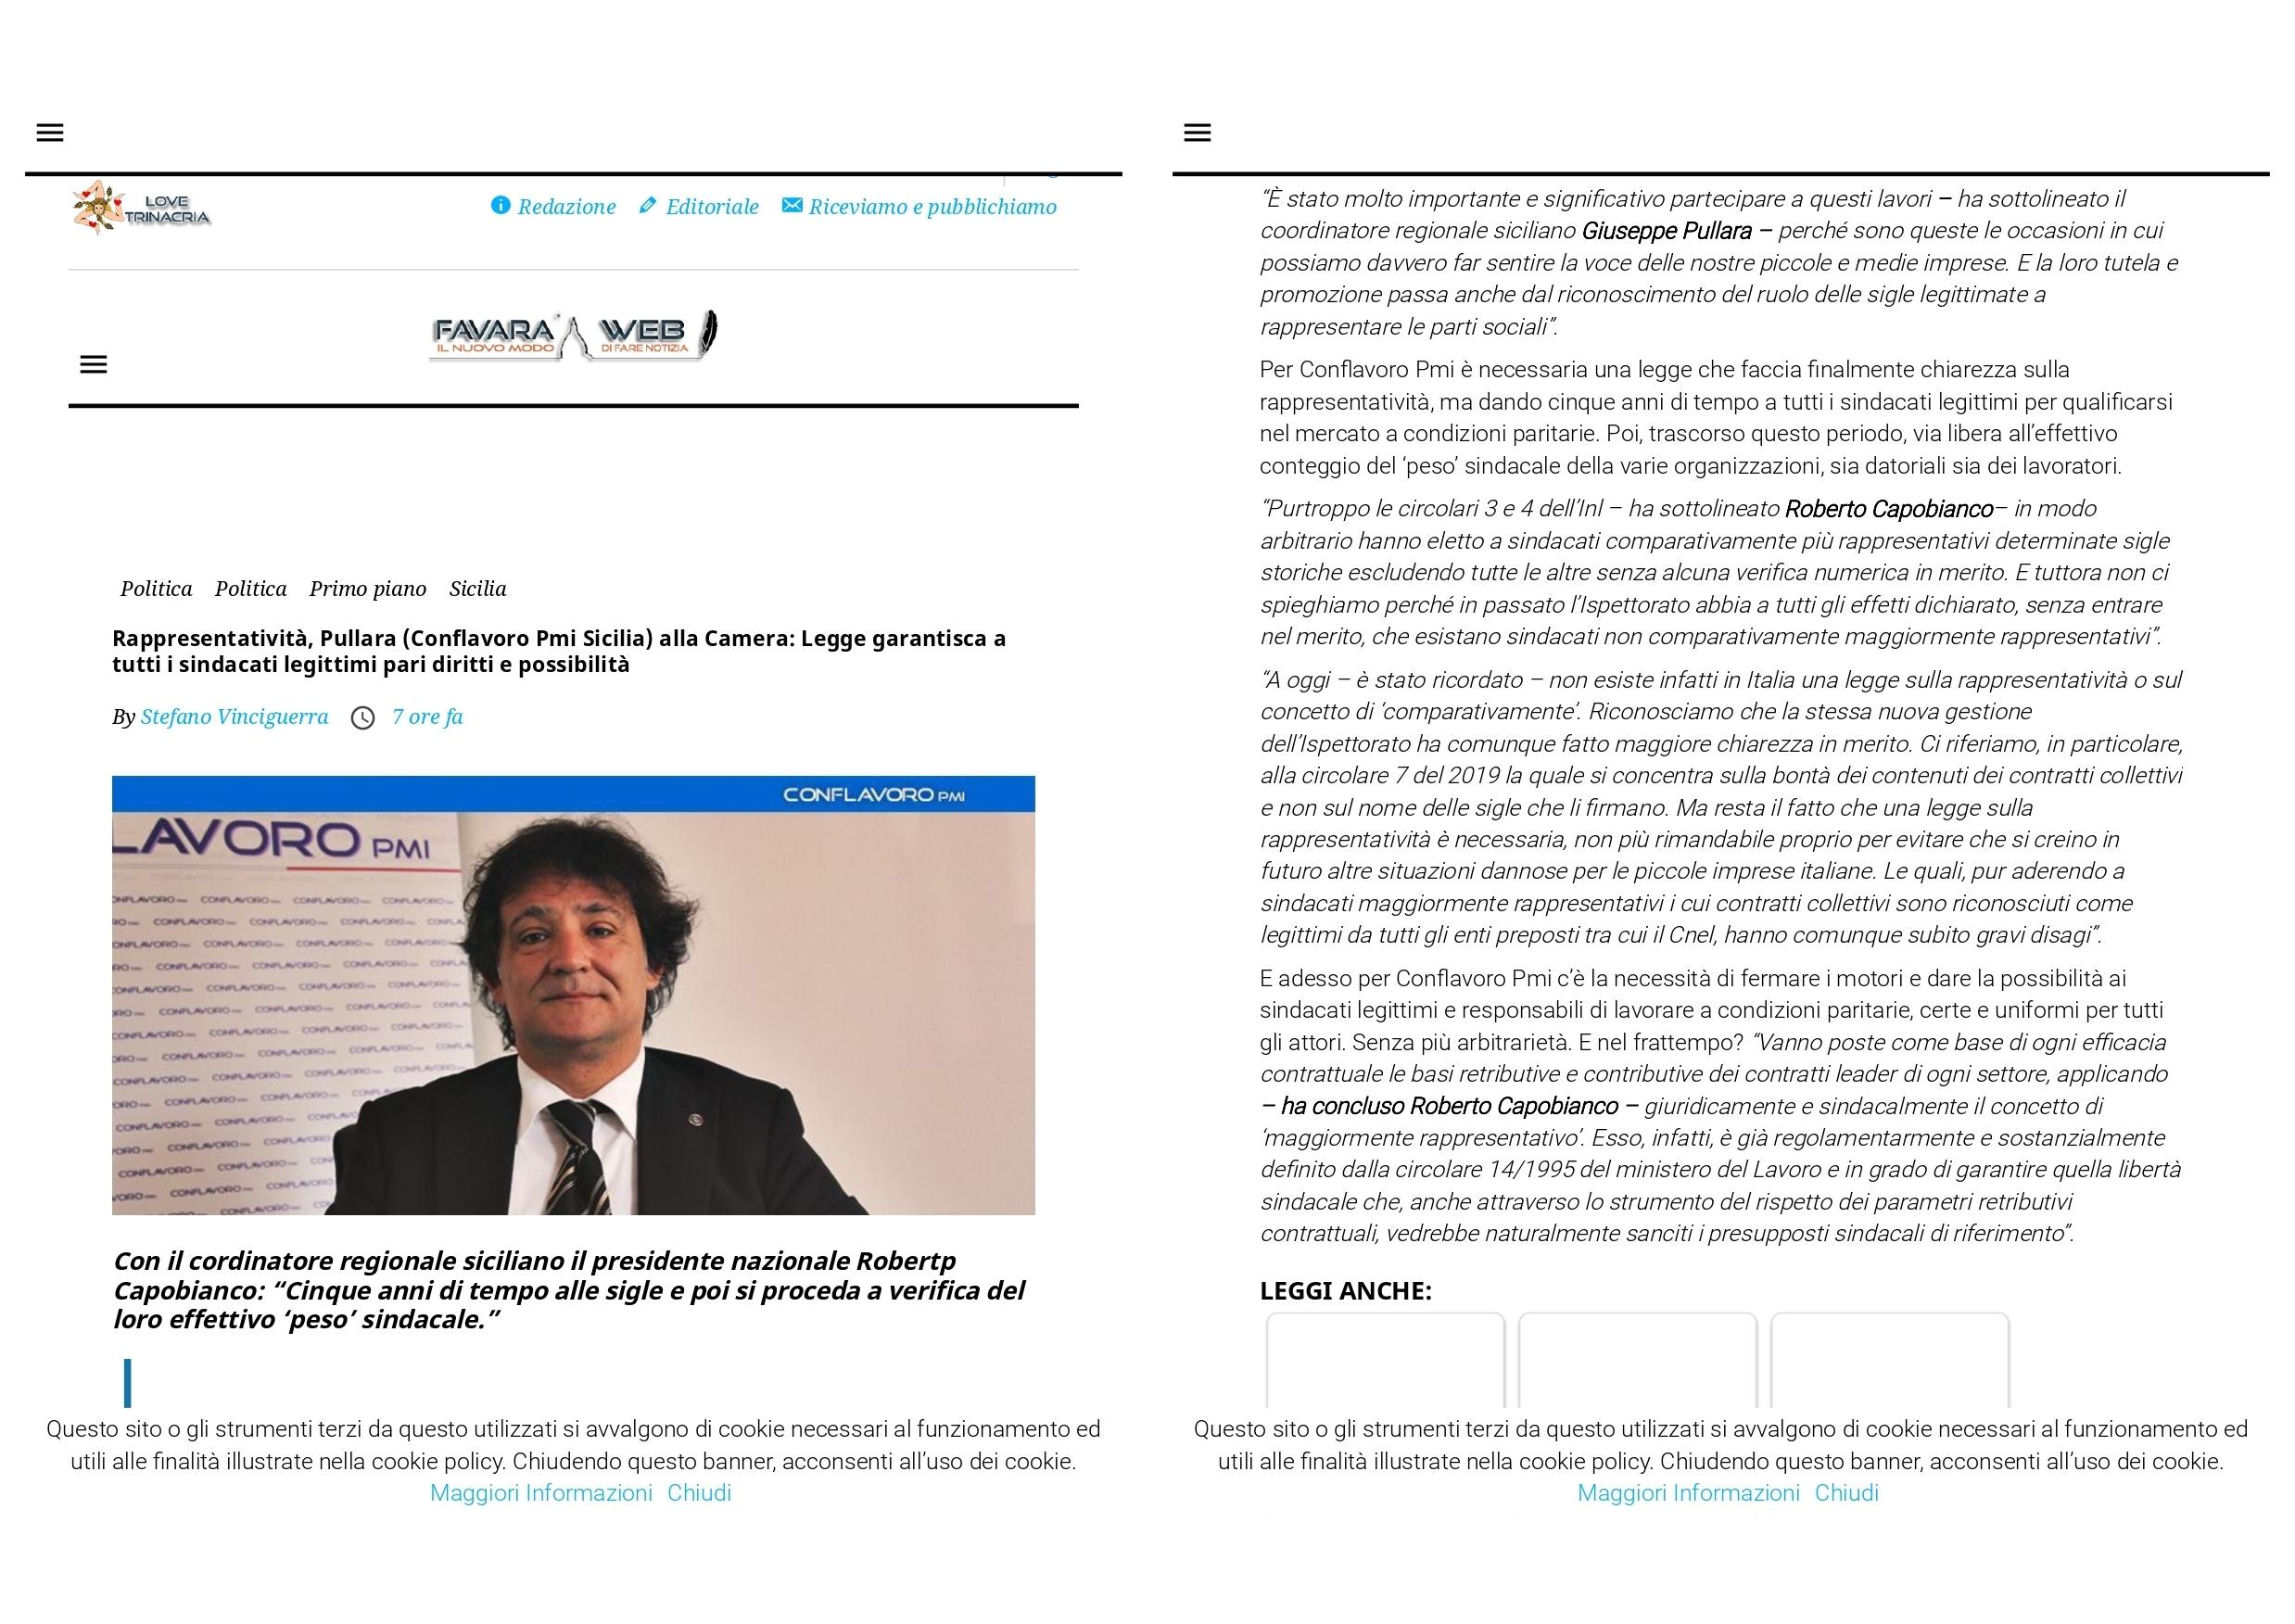 Articolo Favara web 25.07.2019